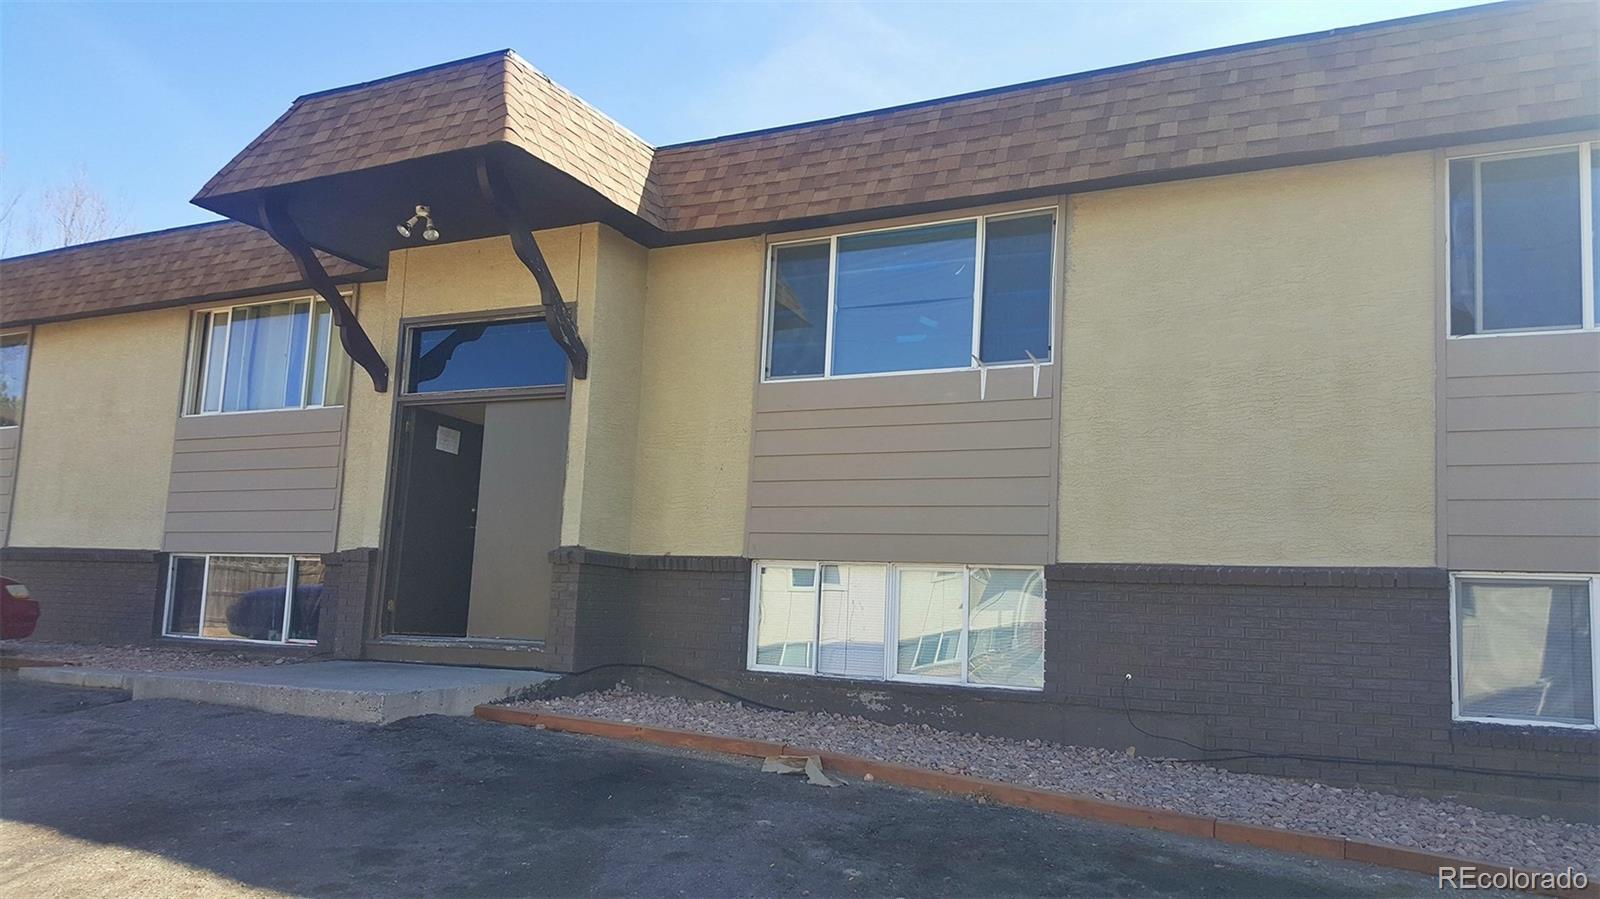 MLS# 5666080 - 1 - 325 Vehr Drive, Colorado Springs, CO 80916